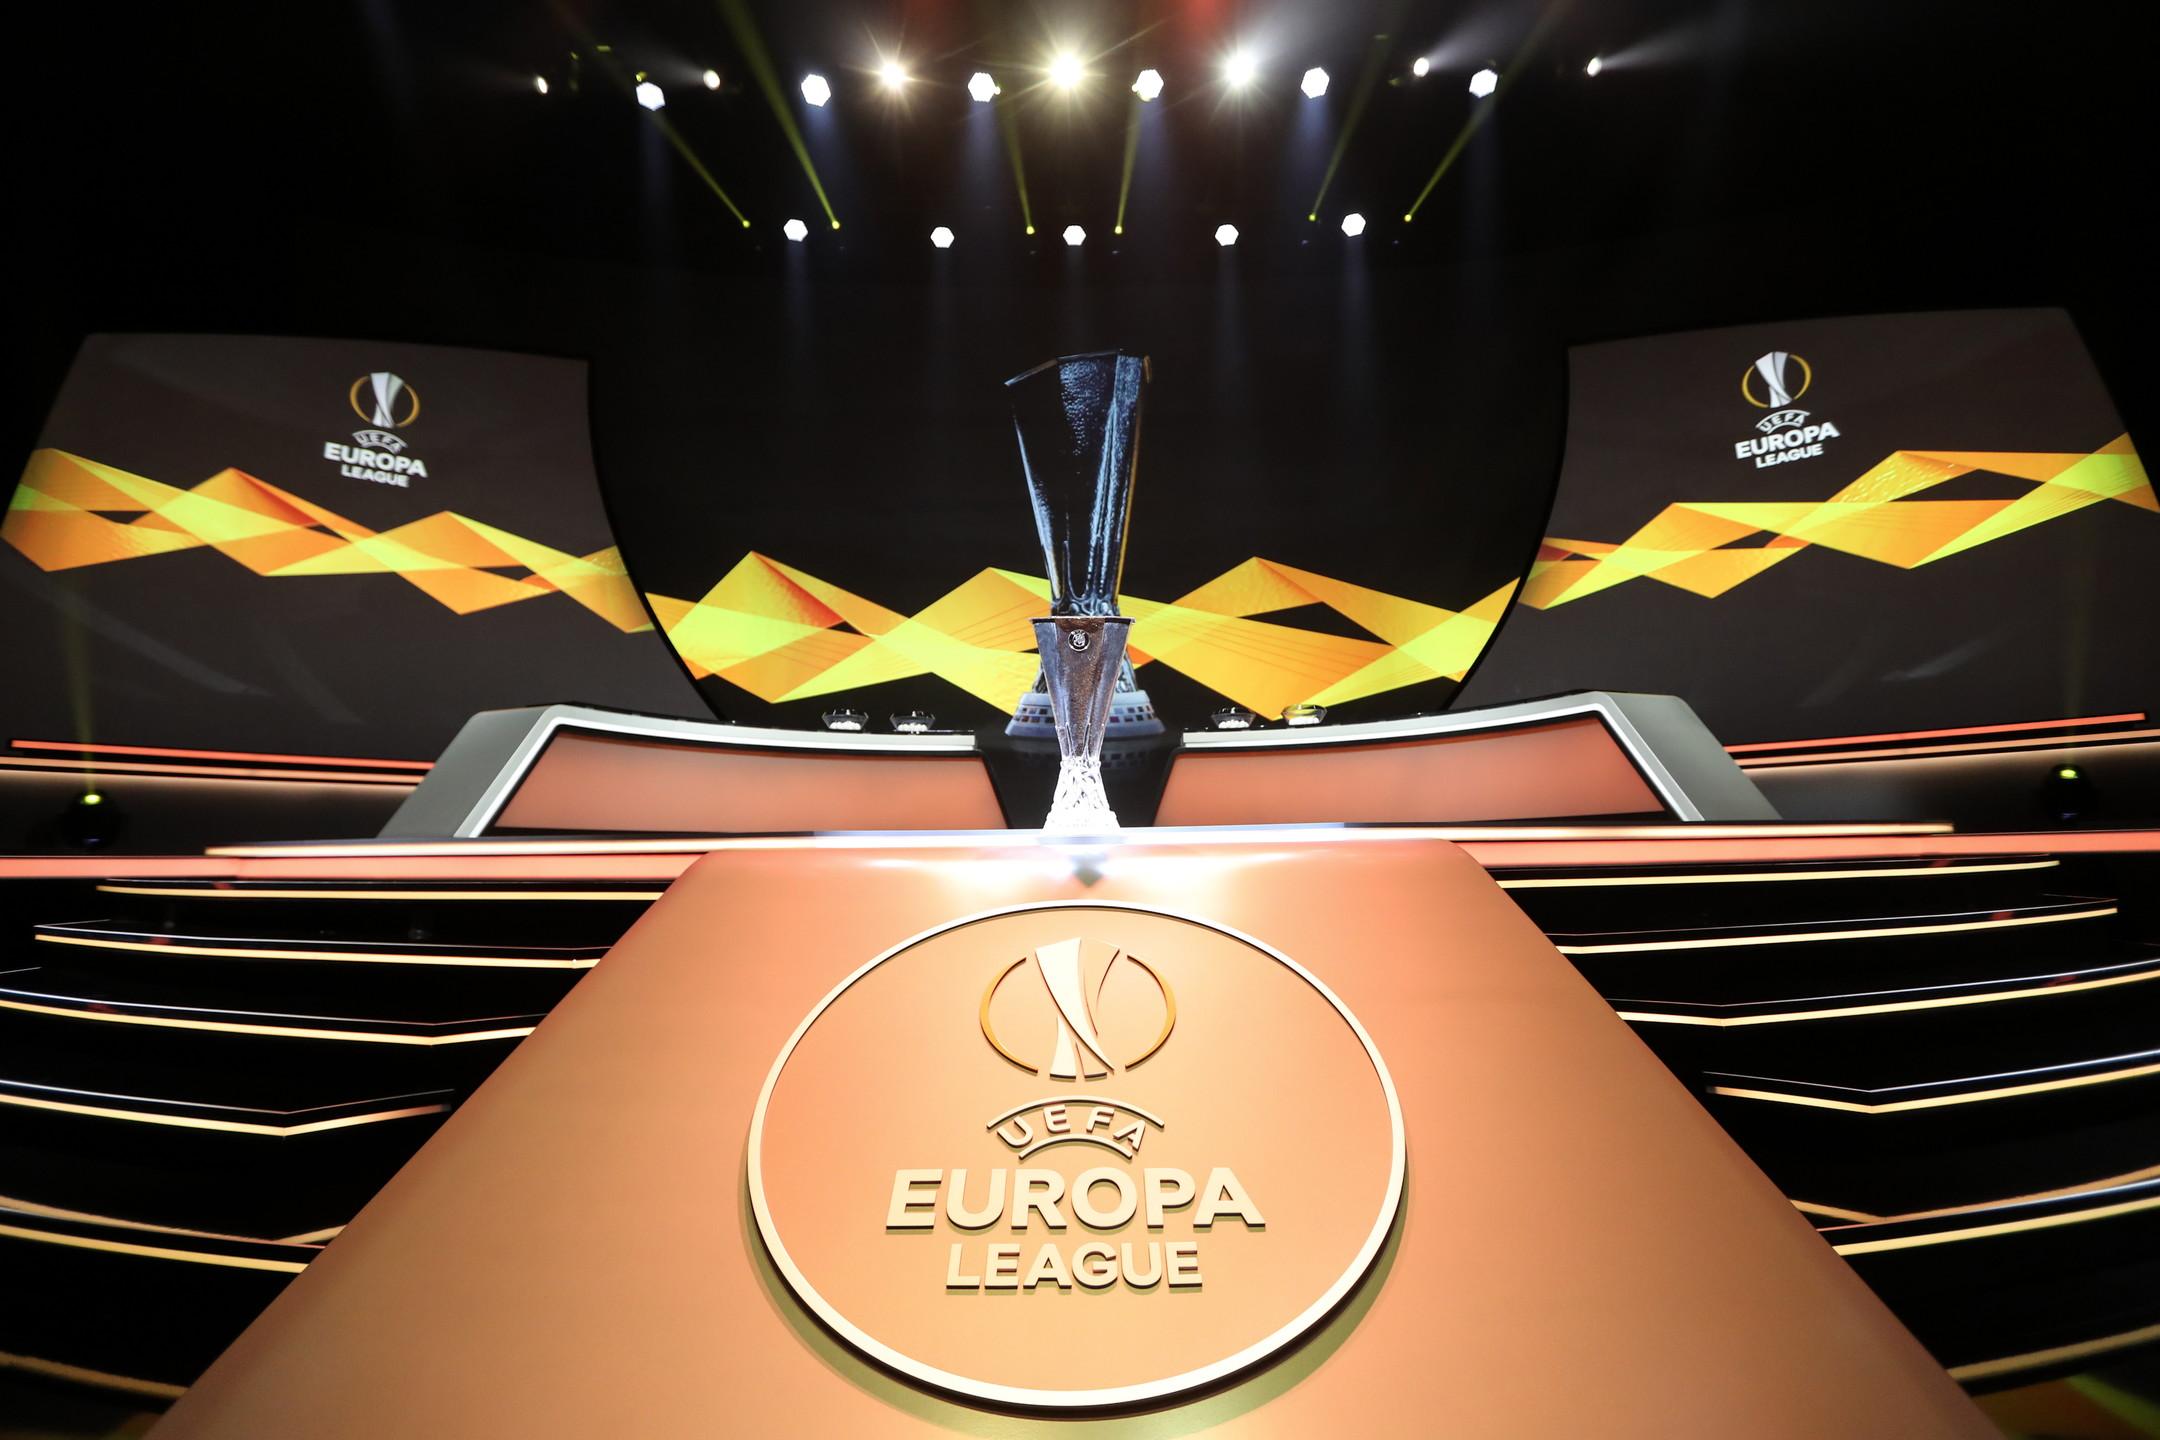 Calendario Roma Europa League 2020.Europa League La Lazio Pesca Celtic E Rennes Per La Roma L